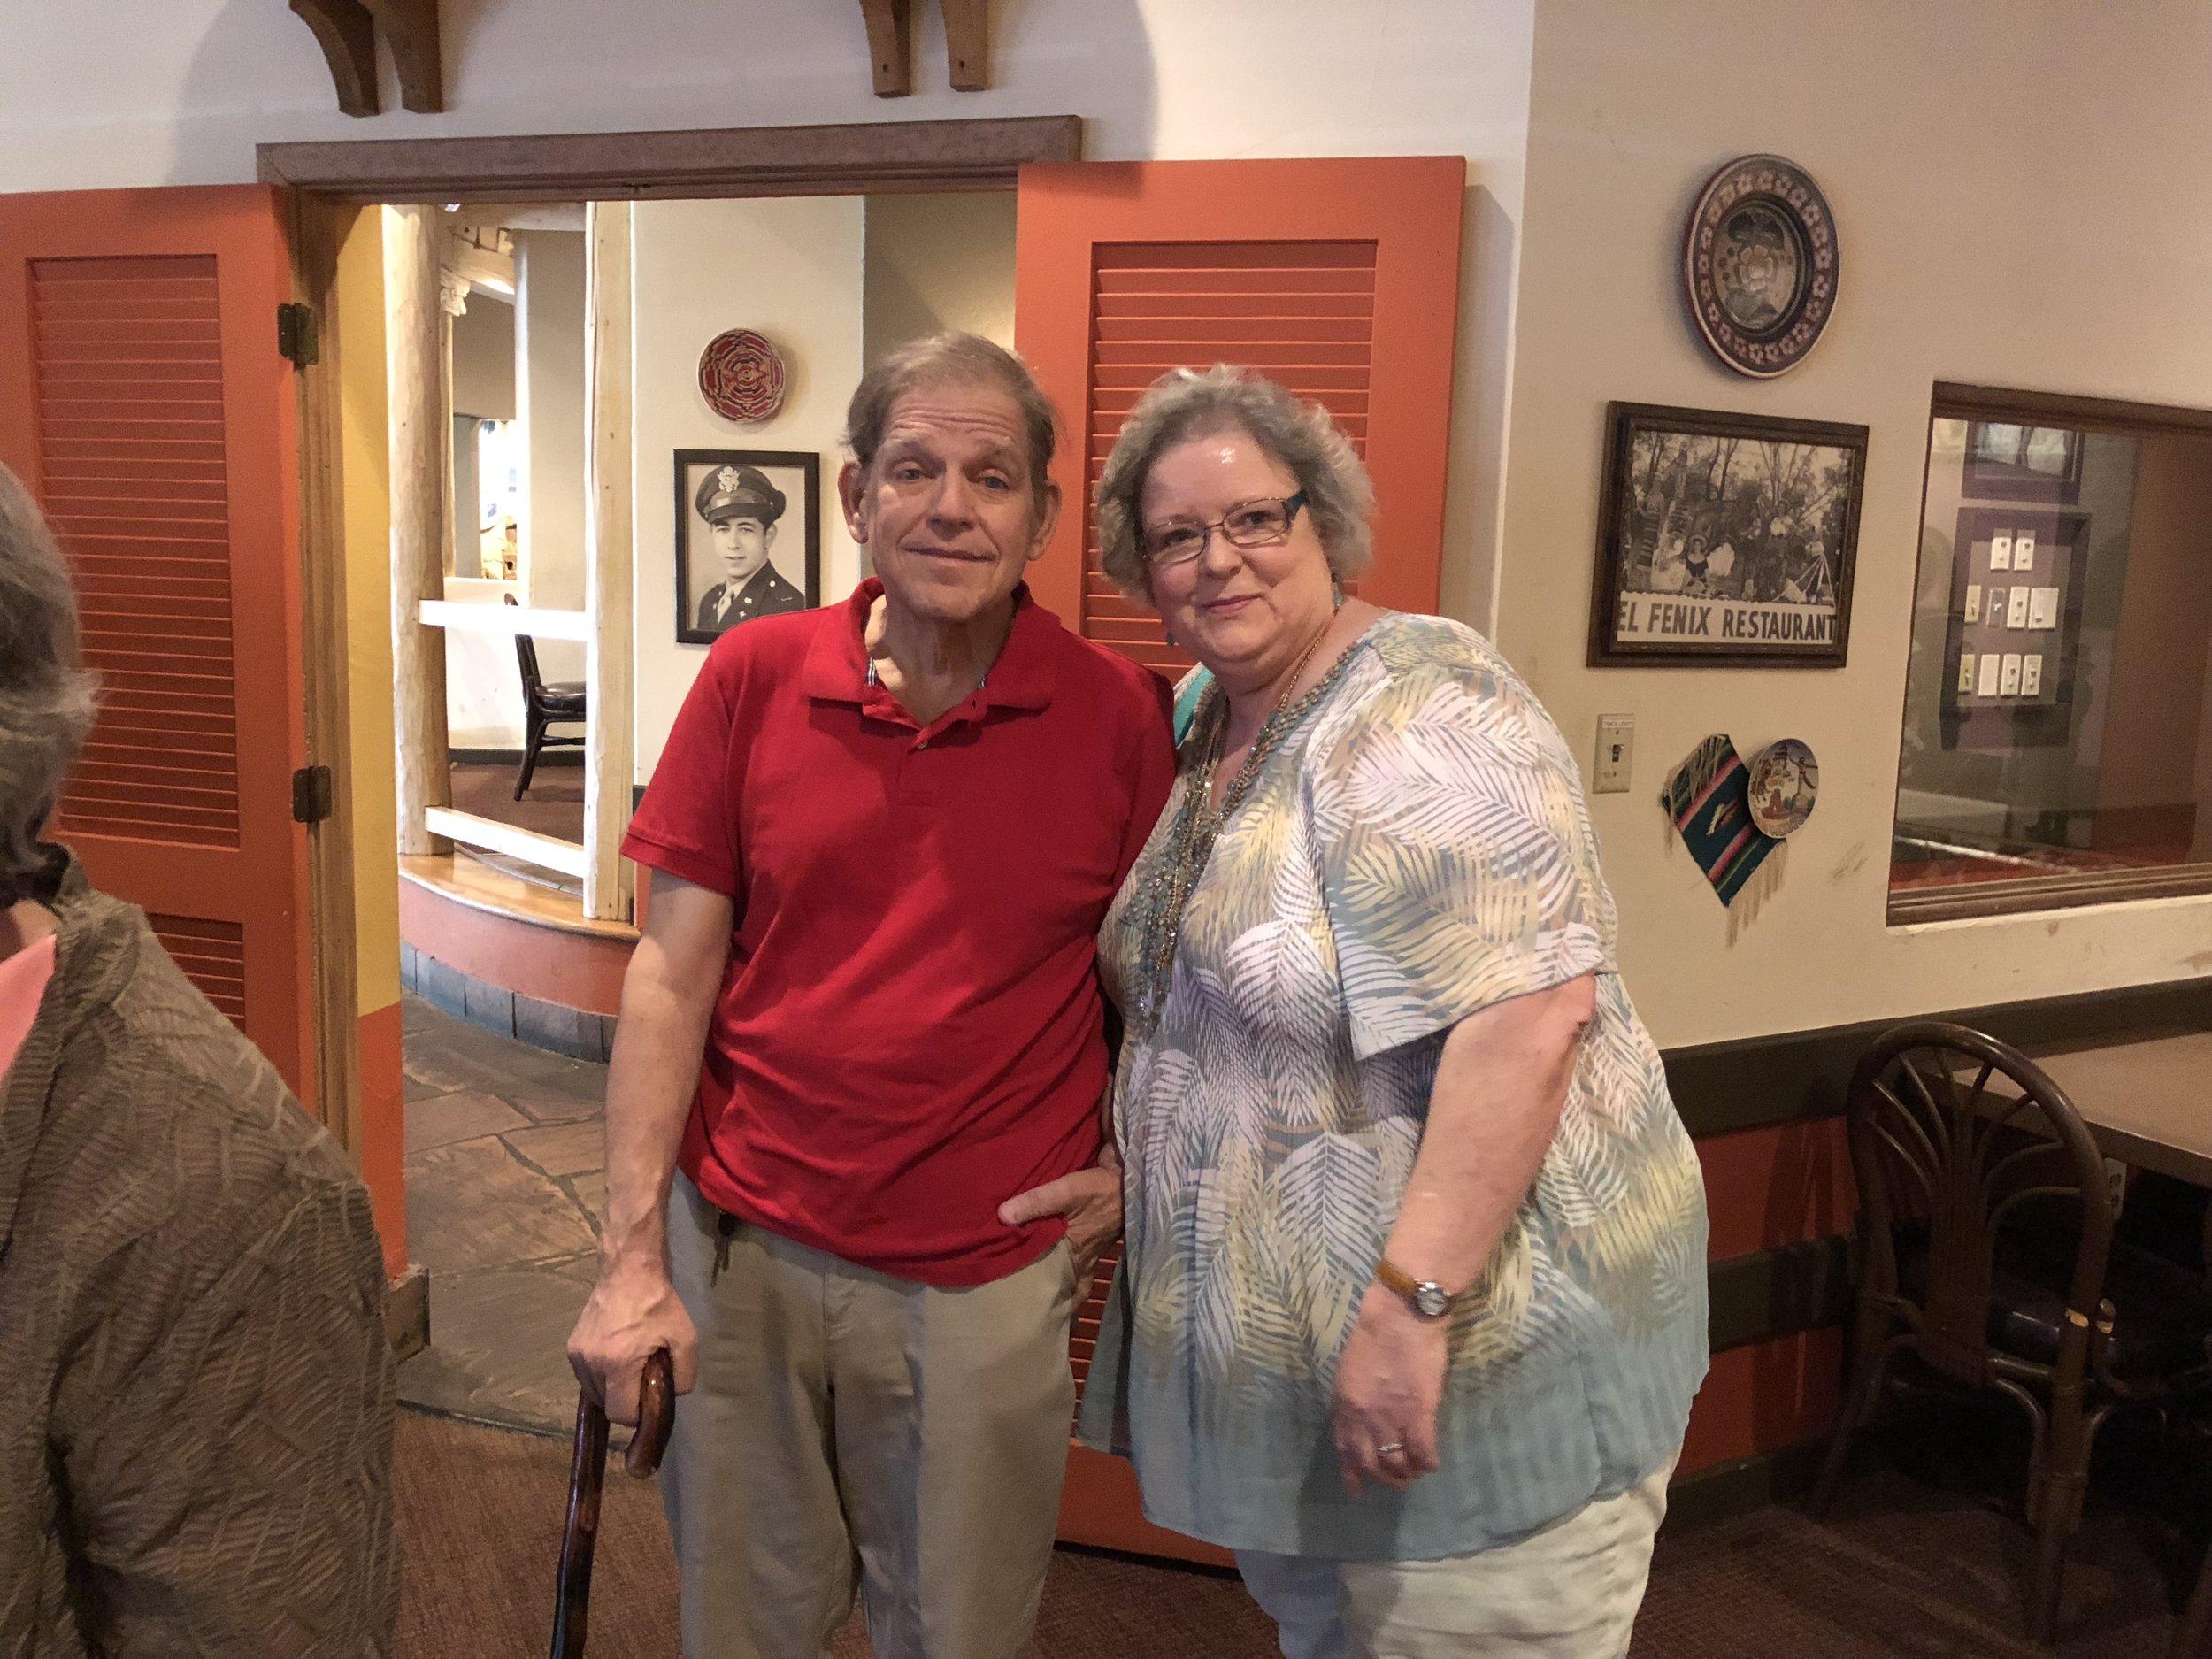 Carol Leslie Hargis and Hubby